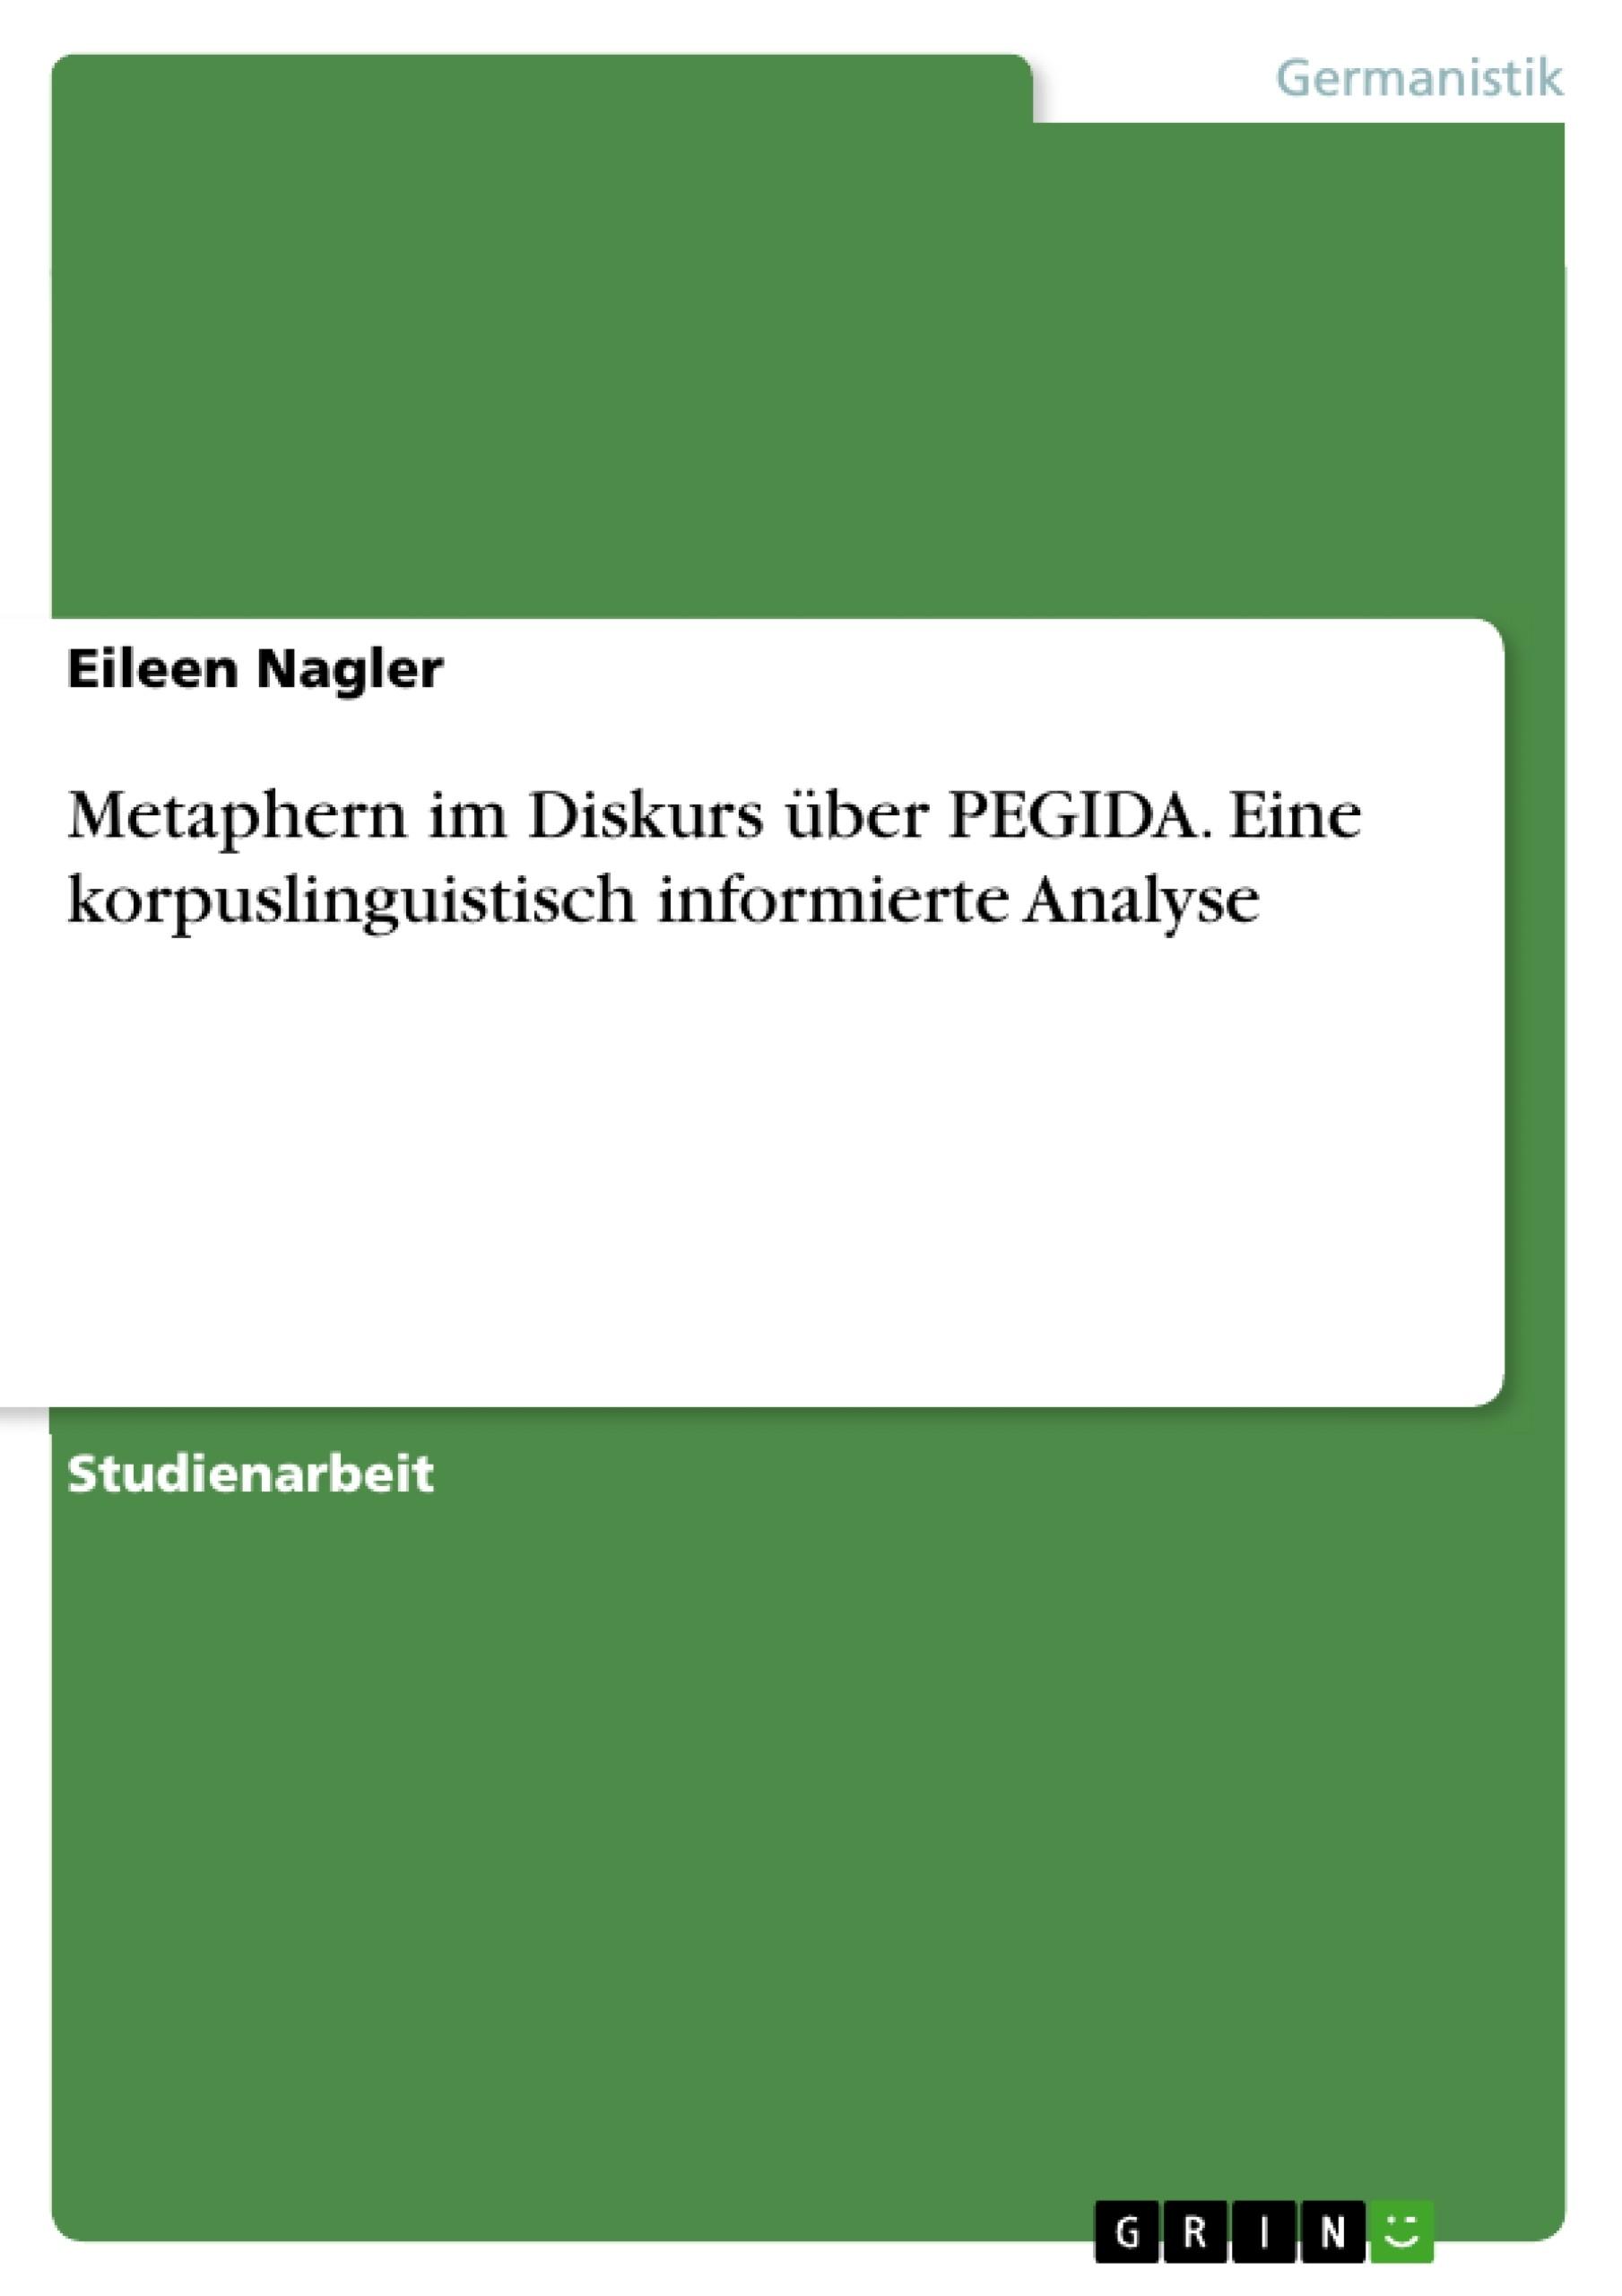 Titel: Metaphern im Diskurs über PEGIDA. Eine korpuslinguistisch informierte Analyse